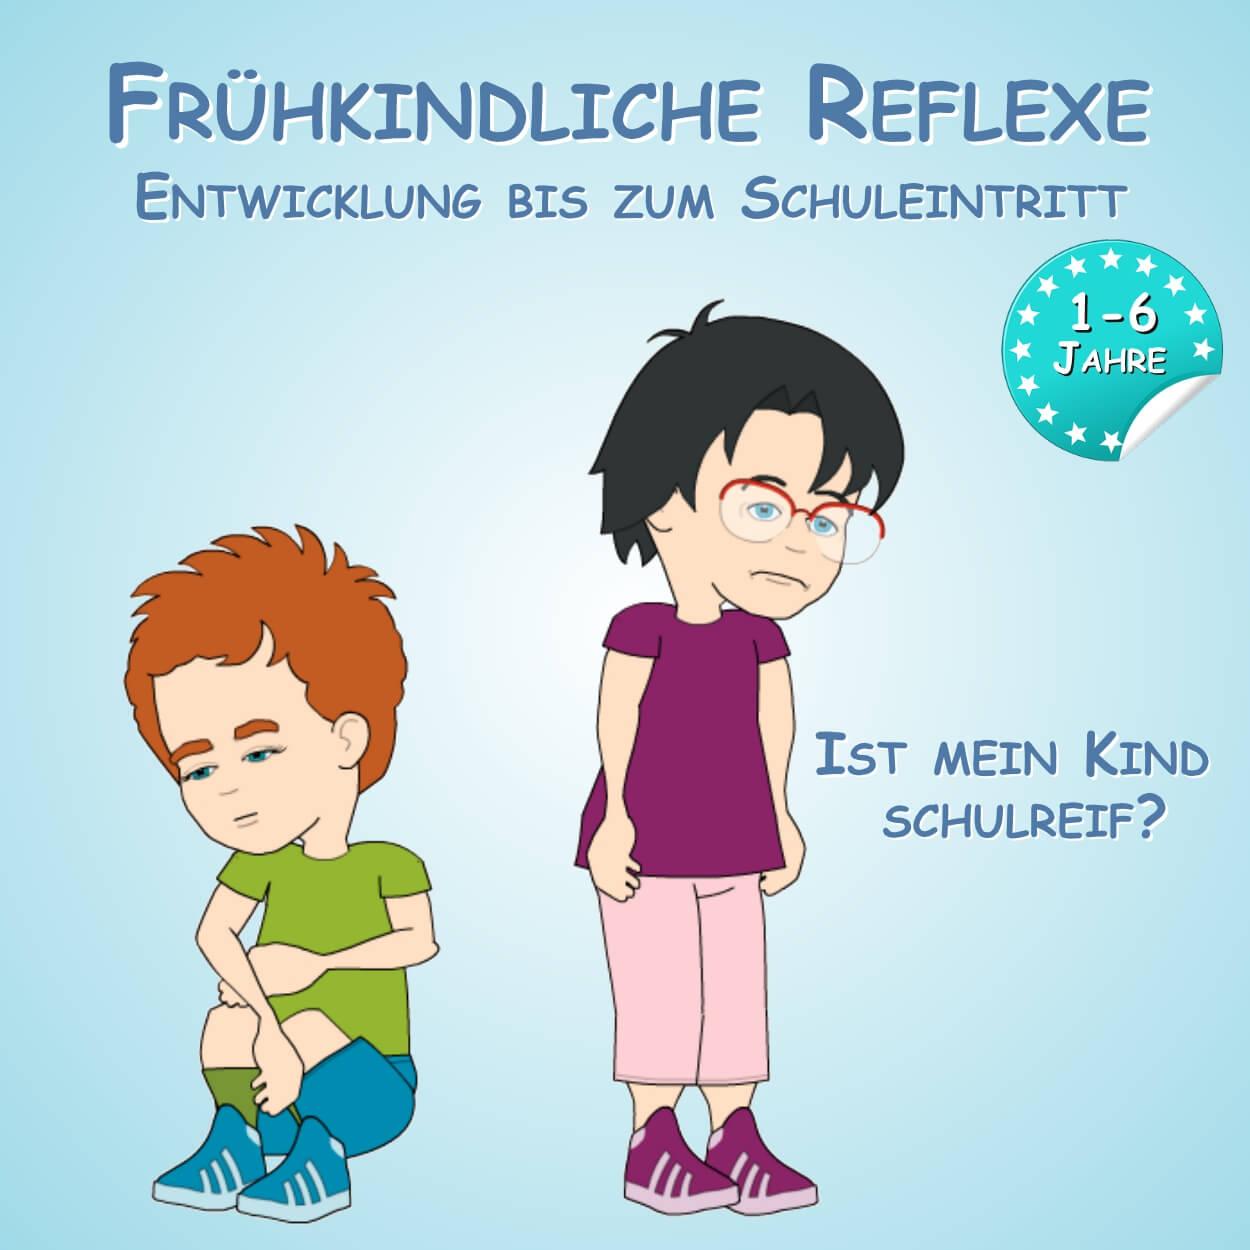 Frühkindliche Reflexe - Ist mein Kind Schulreif?